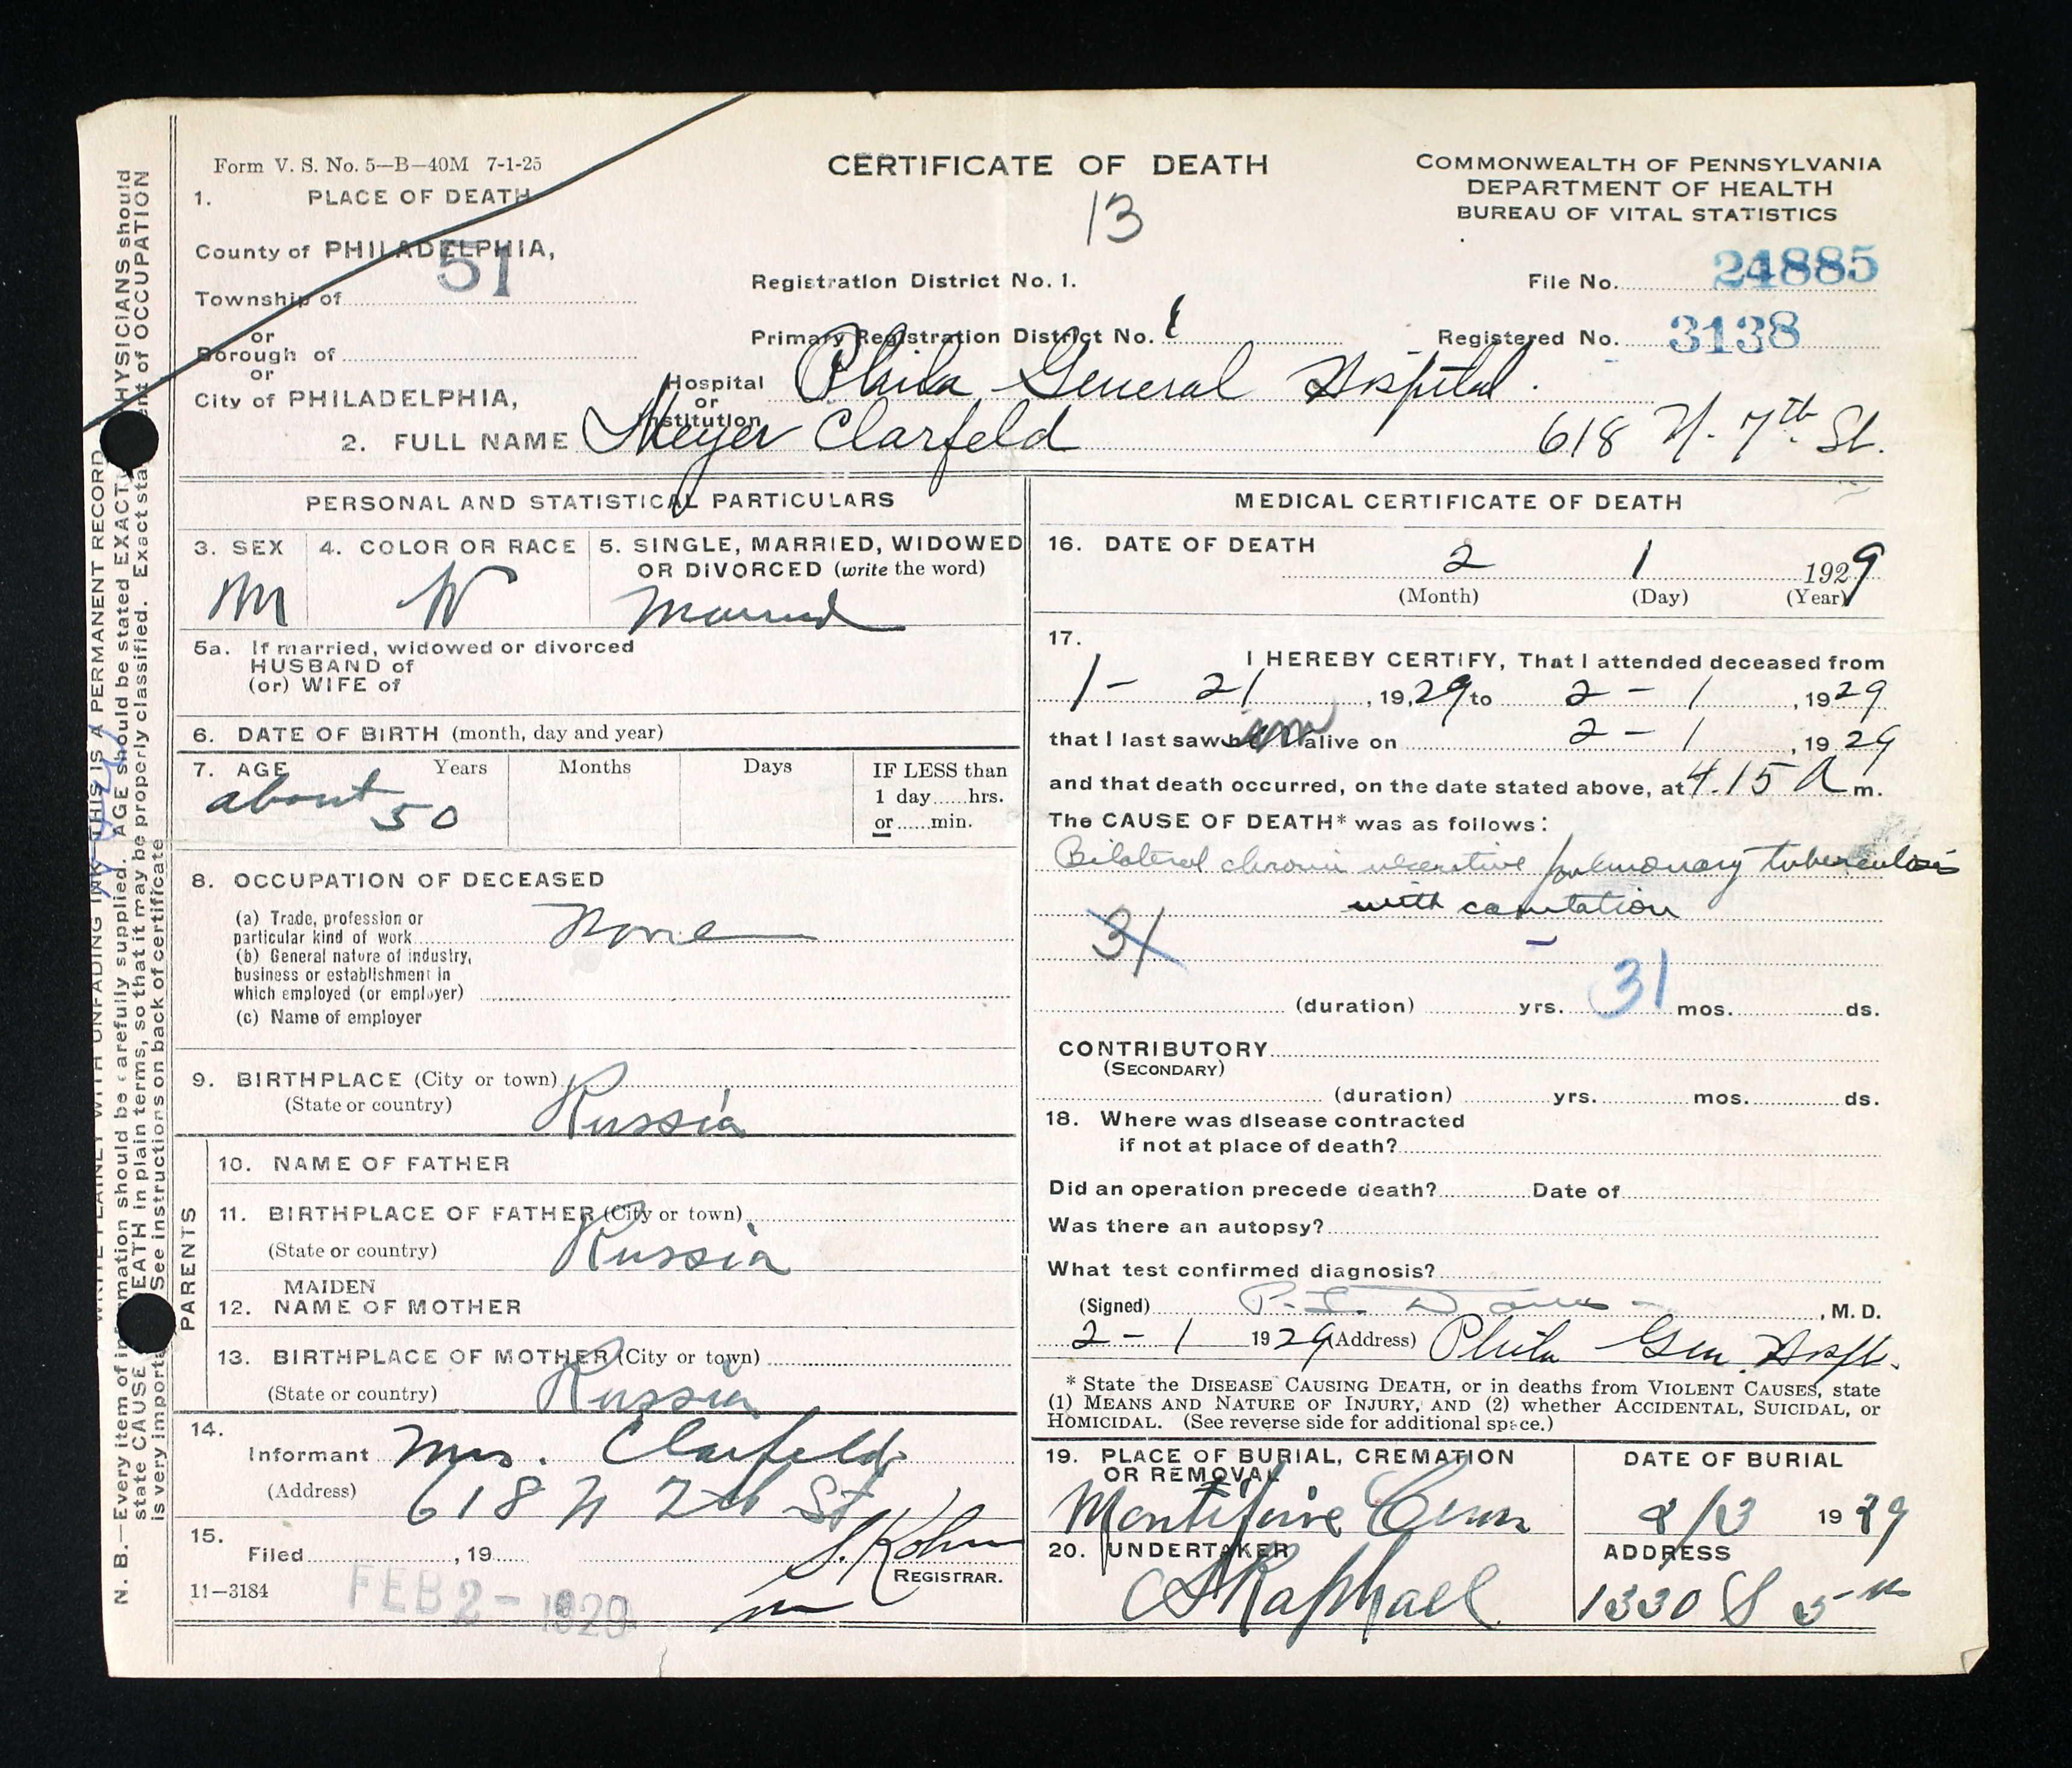 Meyer Clarfeld Sex: M Race W Age: 50 Birth abt 1879 Birth Russia ...